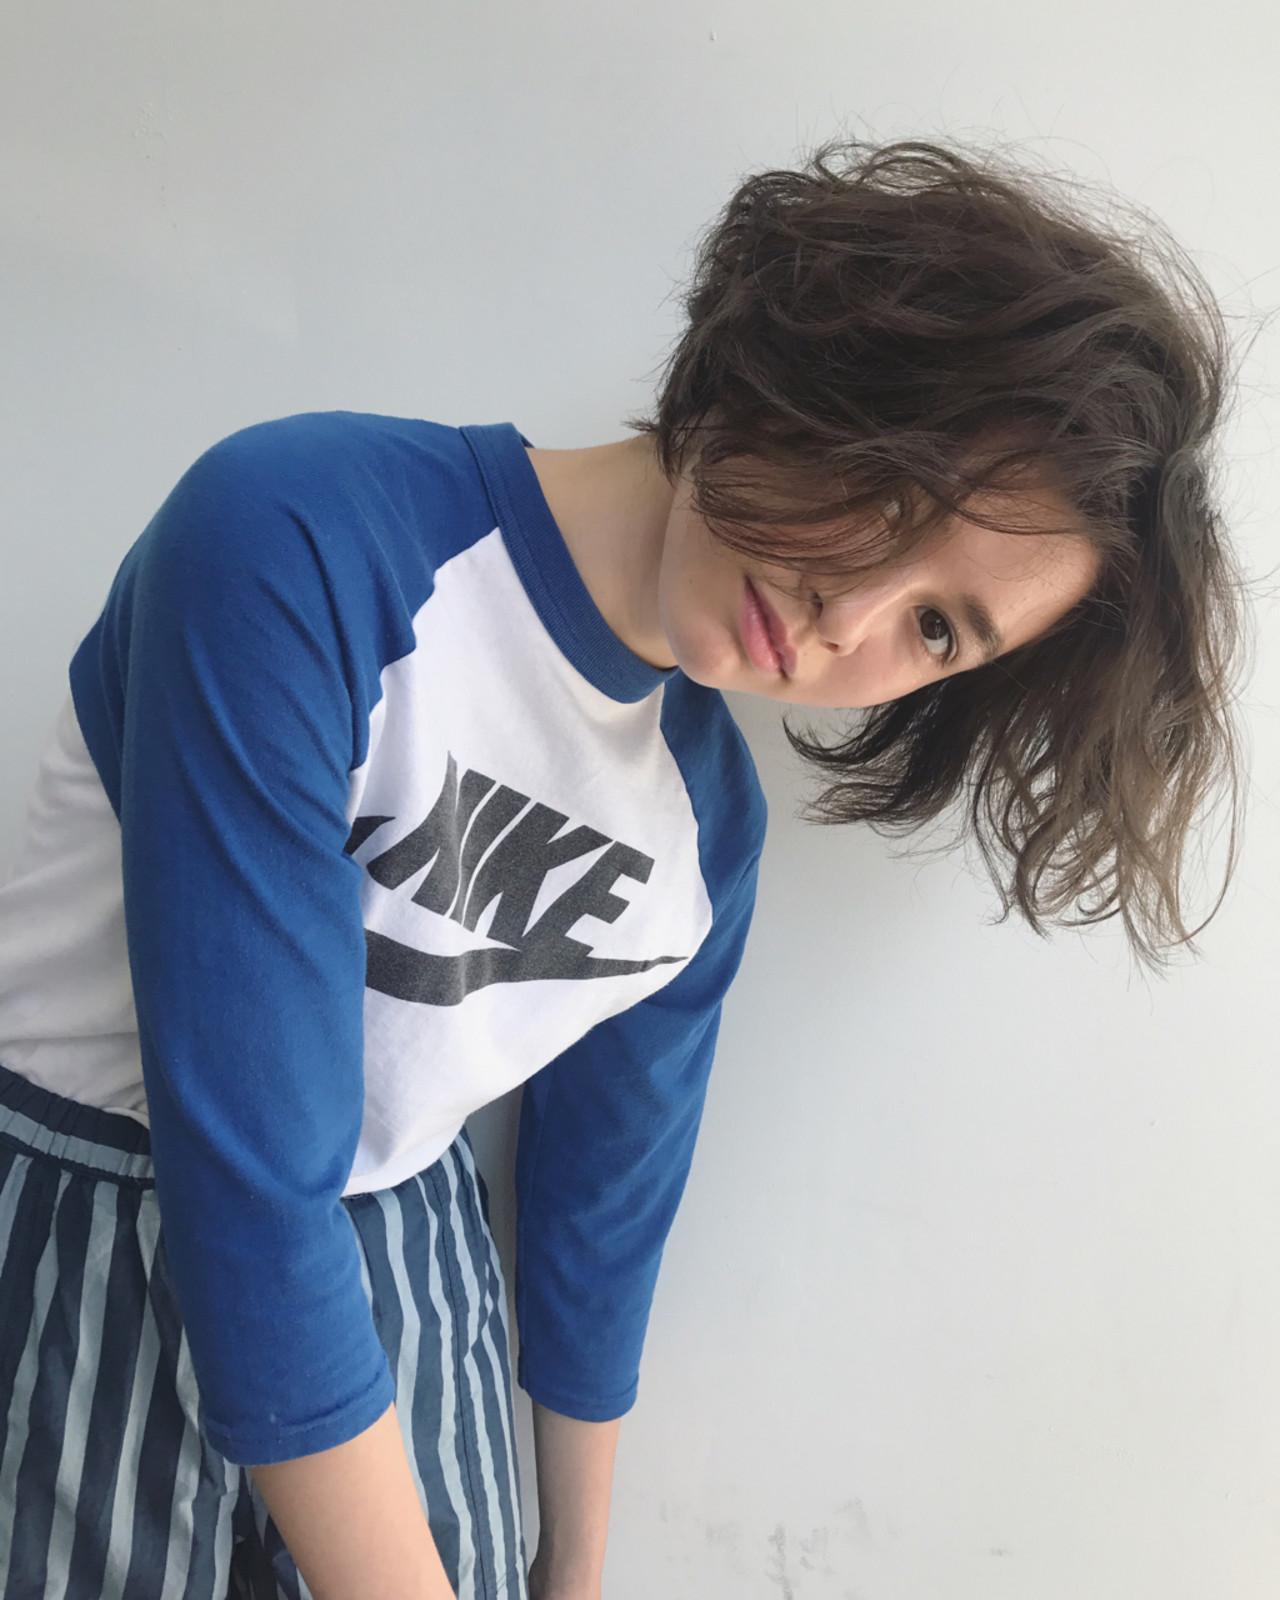 【ショートヘア画像集】こんな髪型にしたい♡真似したくなるヘアスタイル 馬橋達佳